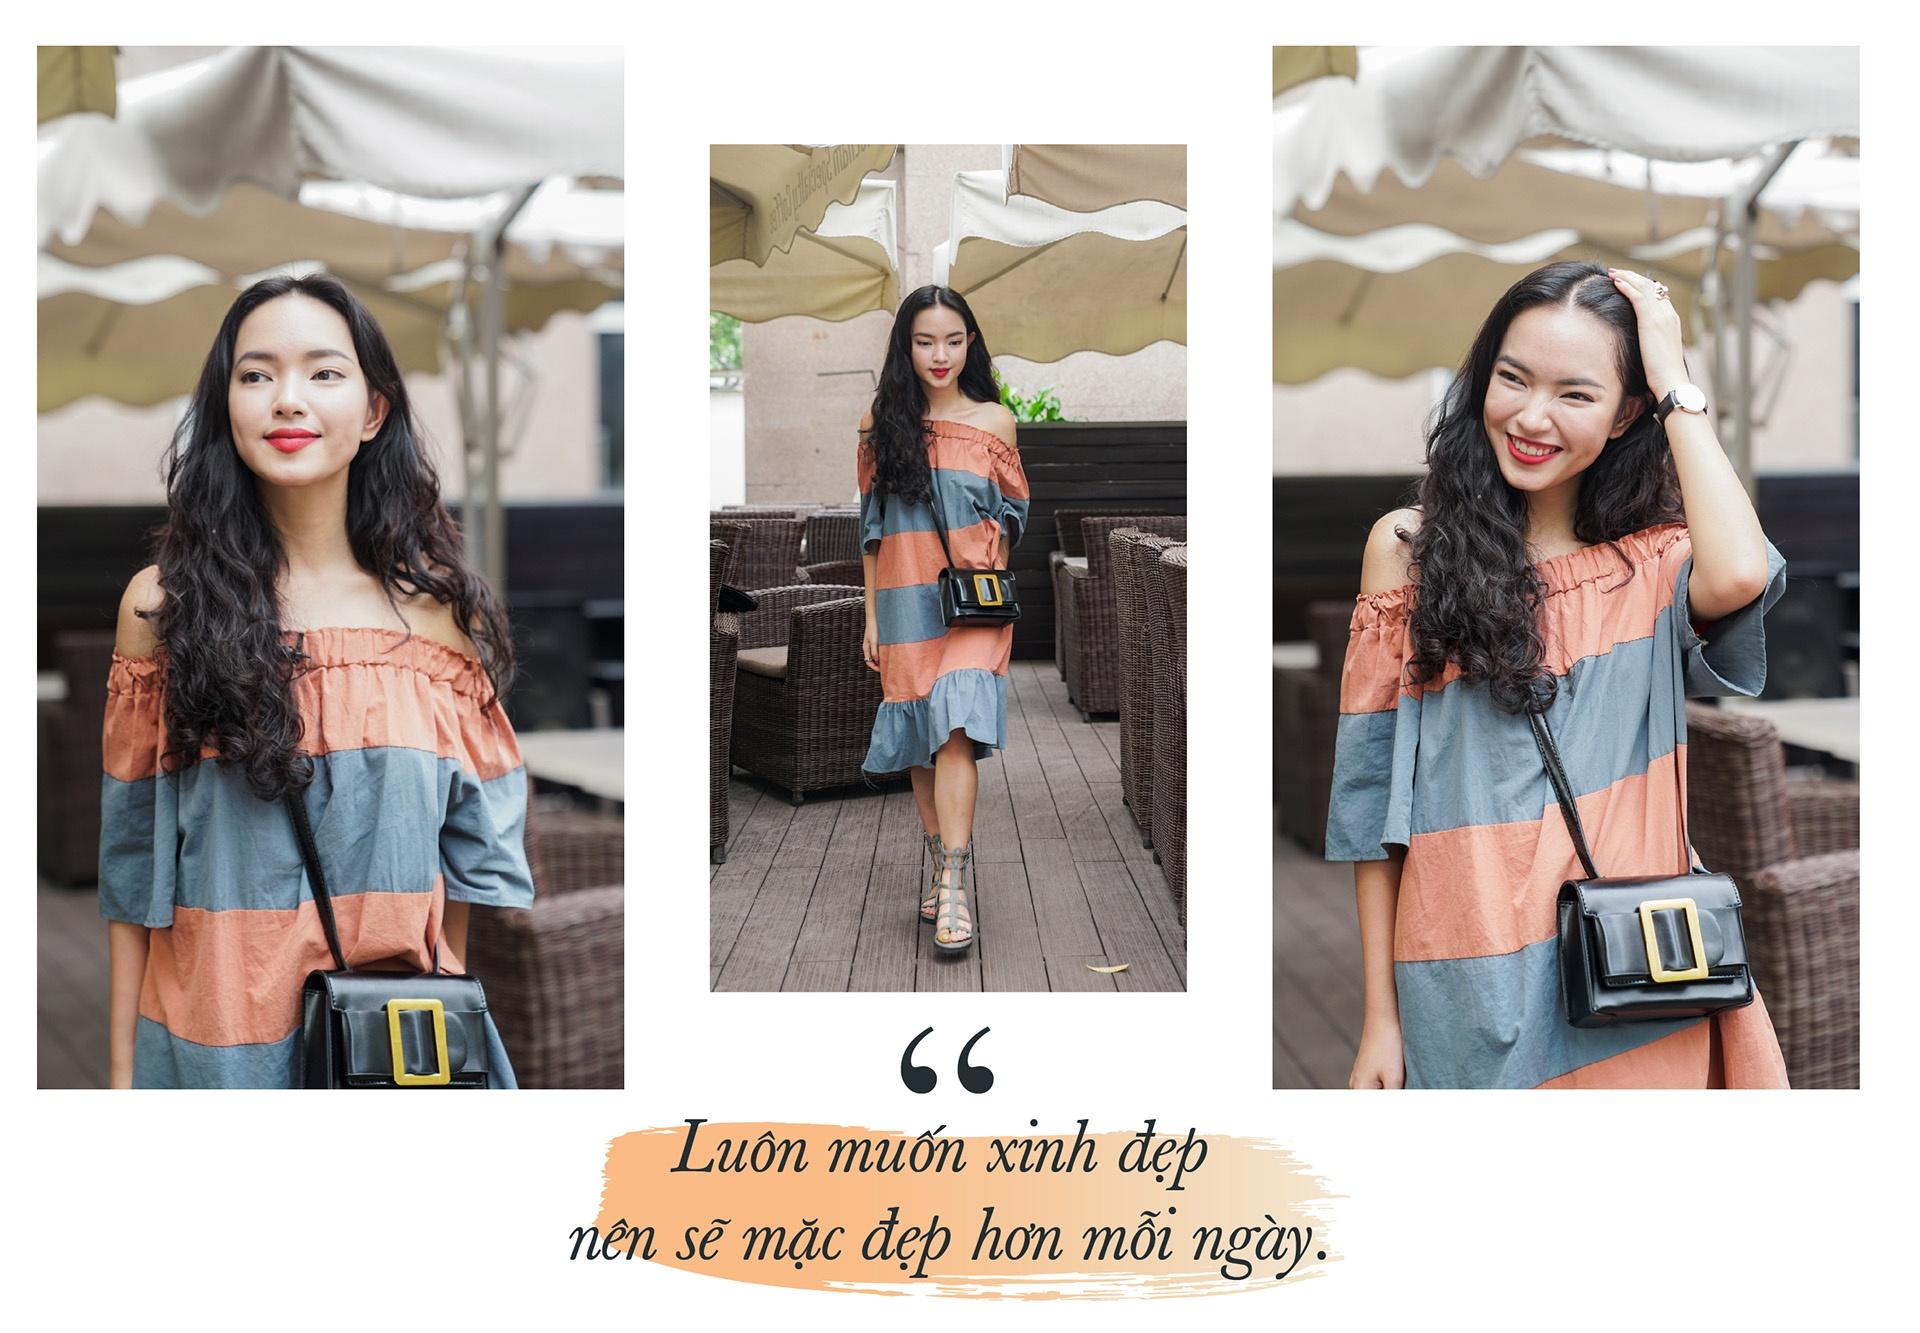 Hot girl Chau Bui: 'Rat yeu Decao nhung chua tinh chuyen ket hon' hinh anh 11